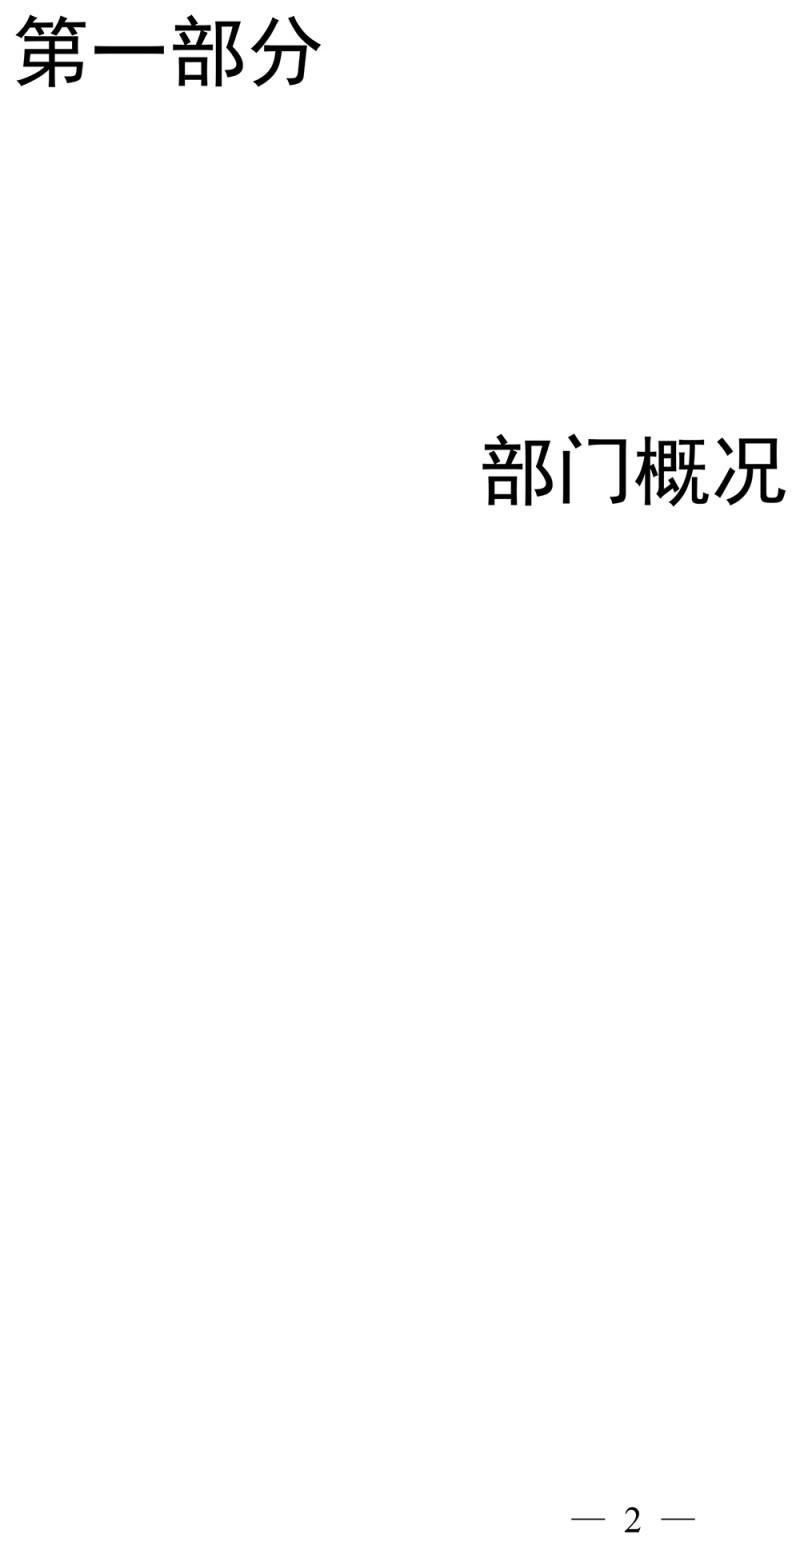 2020年济南市工商业联合会部门预算-3